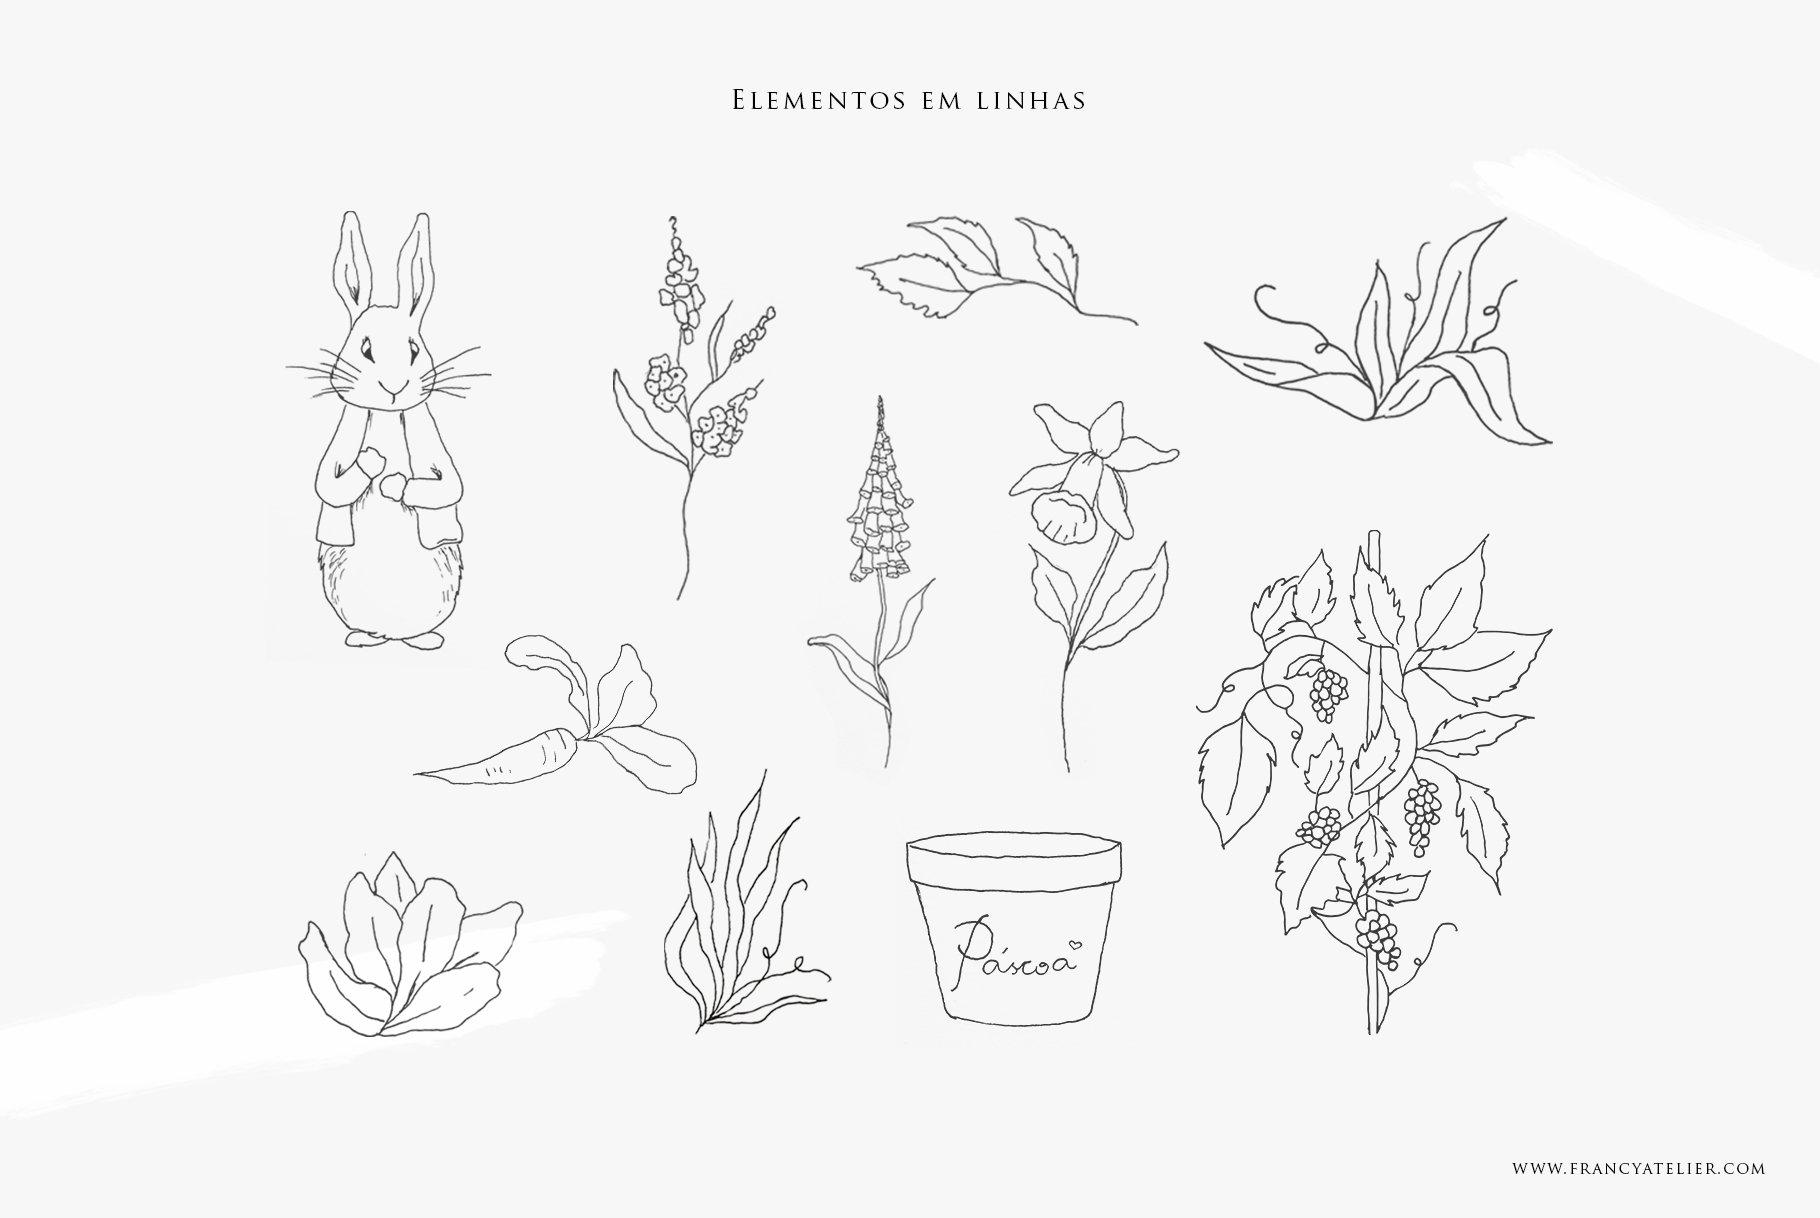 Coleção de Páscoa: elementos em linhas